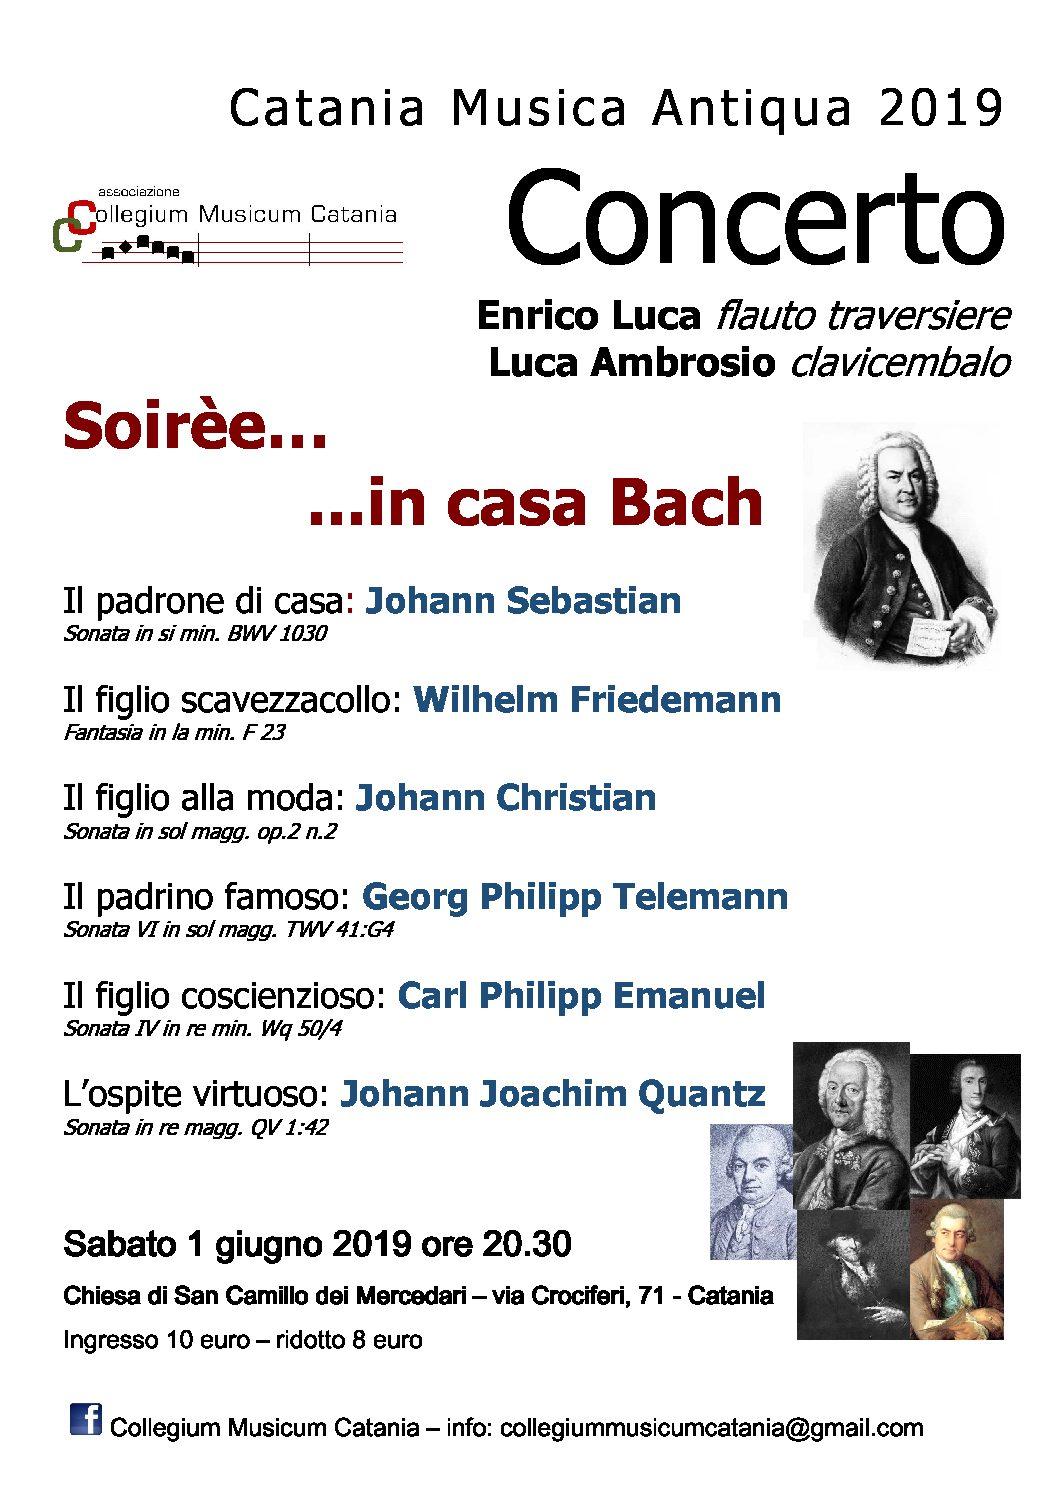 Sabato 1 giugno concerto nella chiesa di S. Camillo in via Crociferi